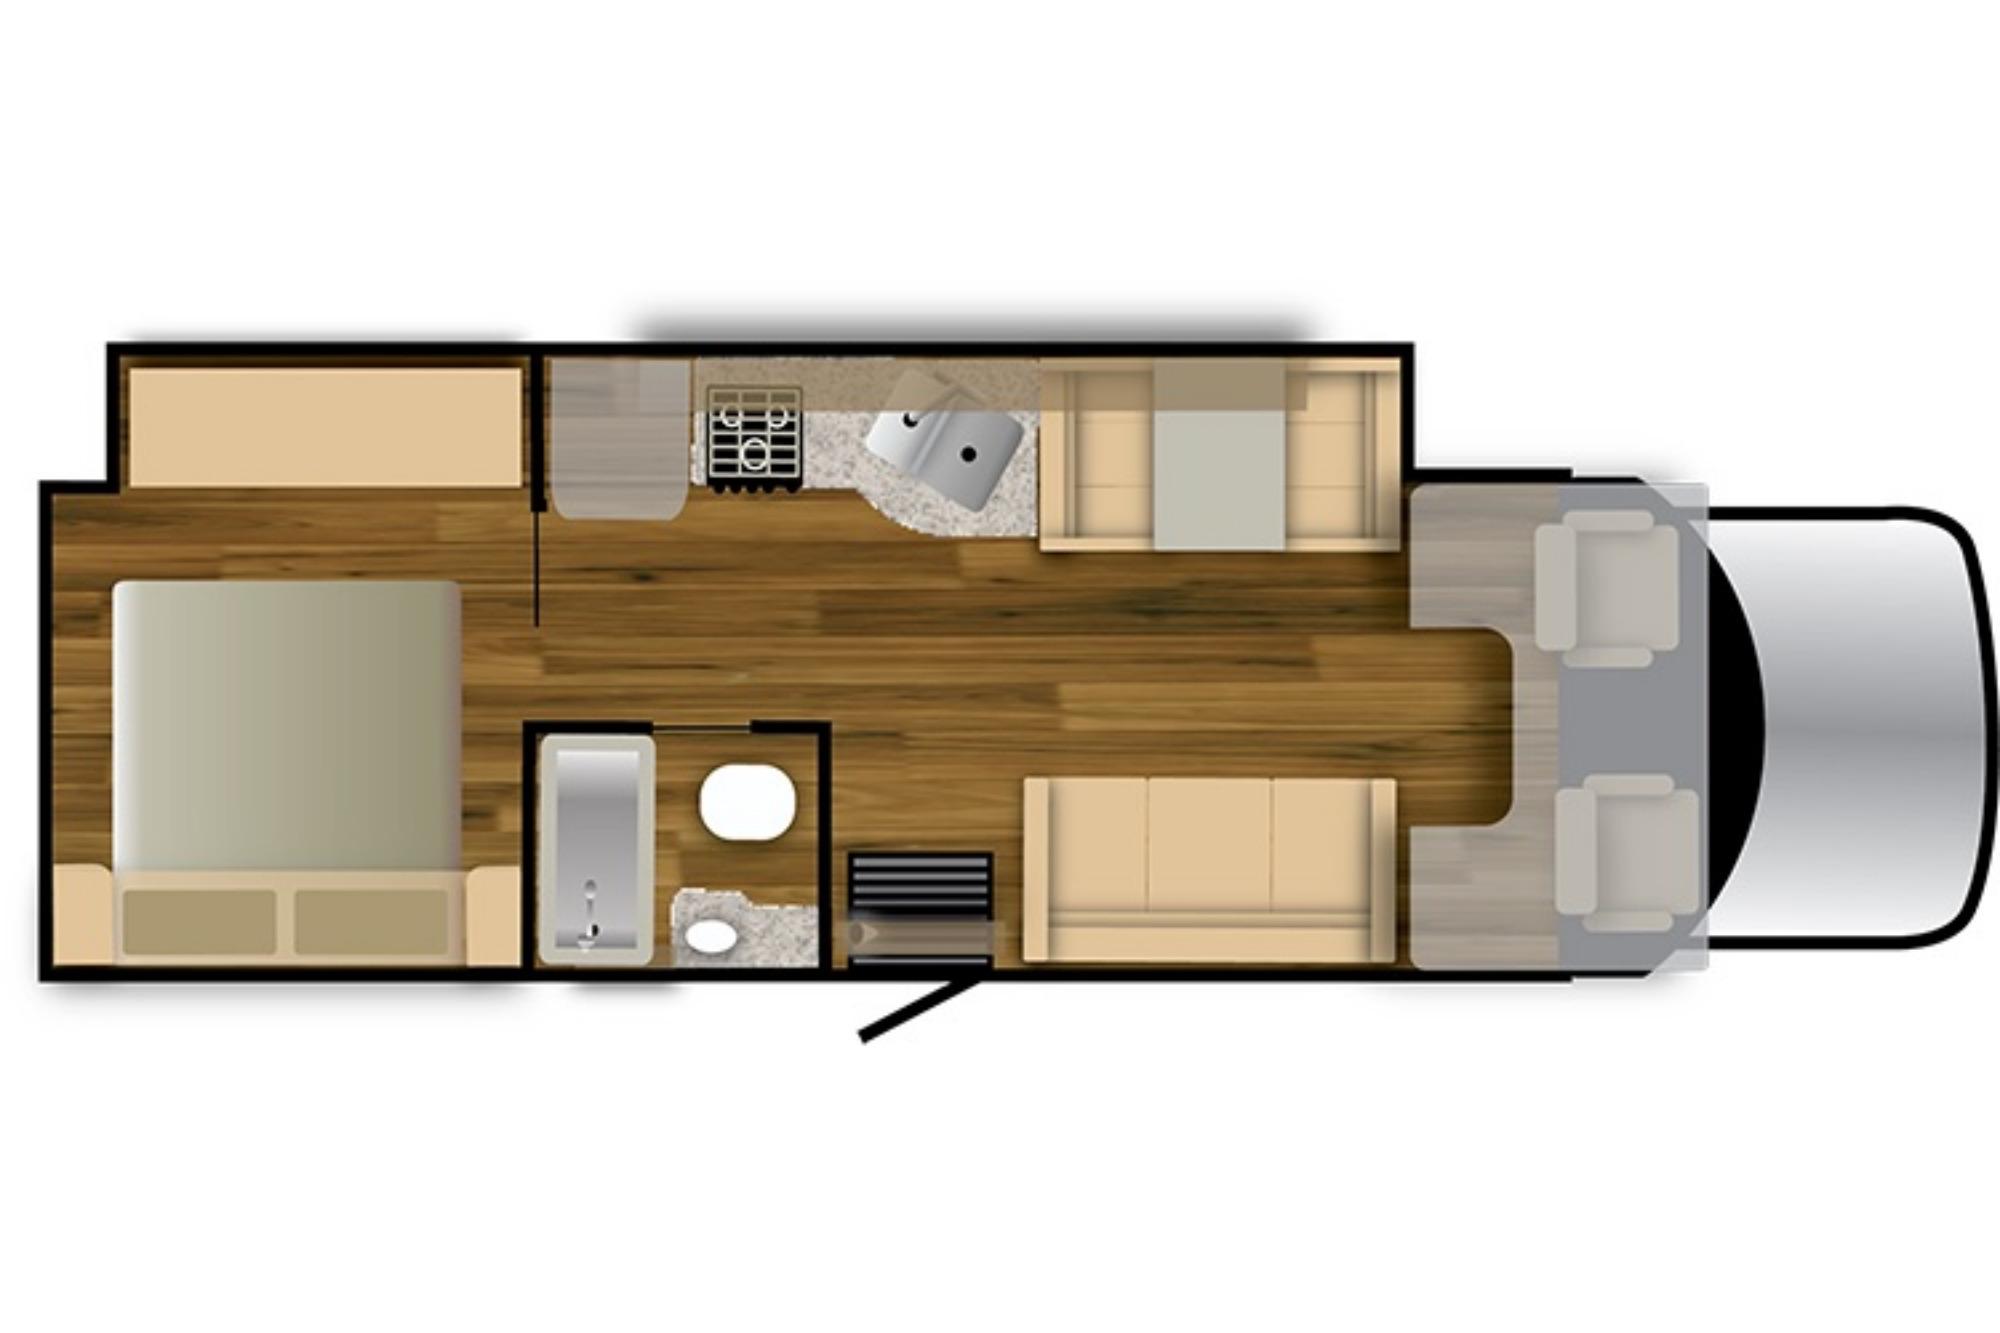 View Floor Plan for 2021 NEXUS RV REBEL 30R